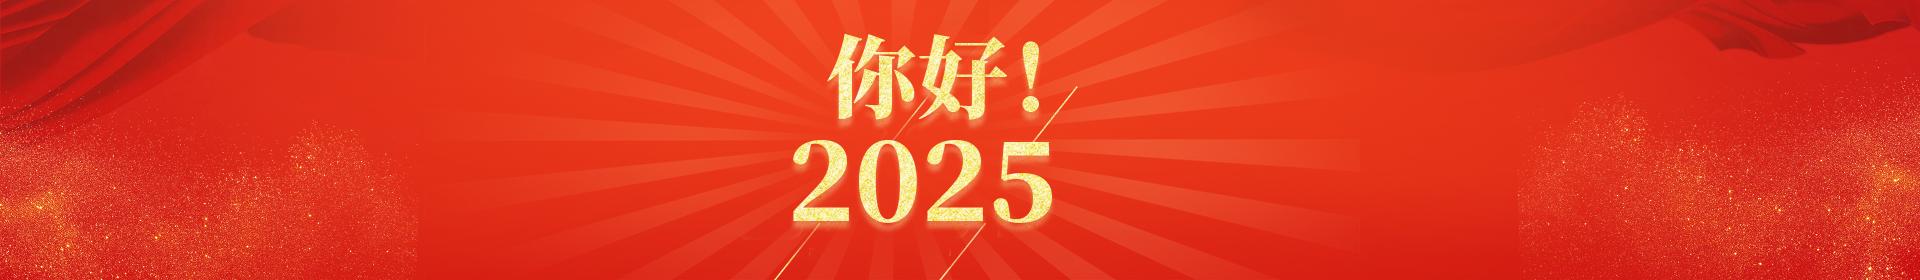 你好!2025